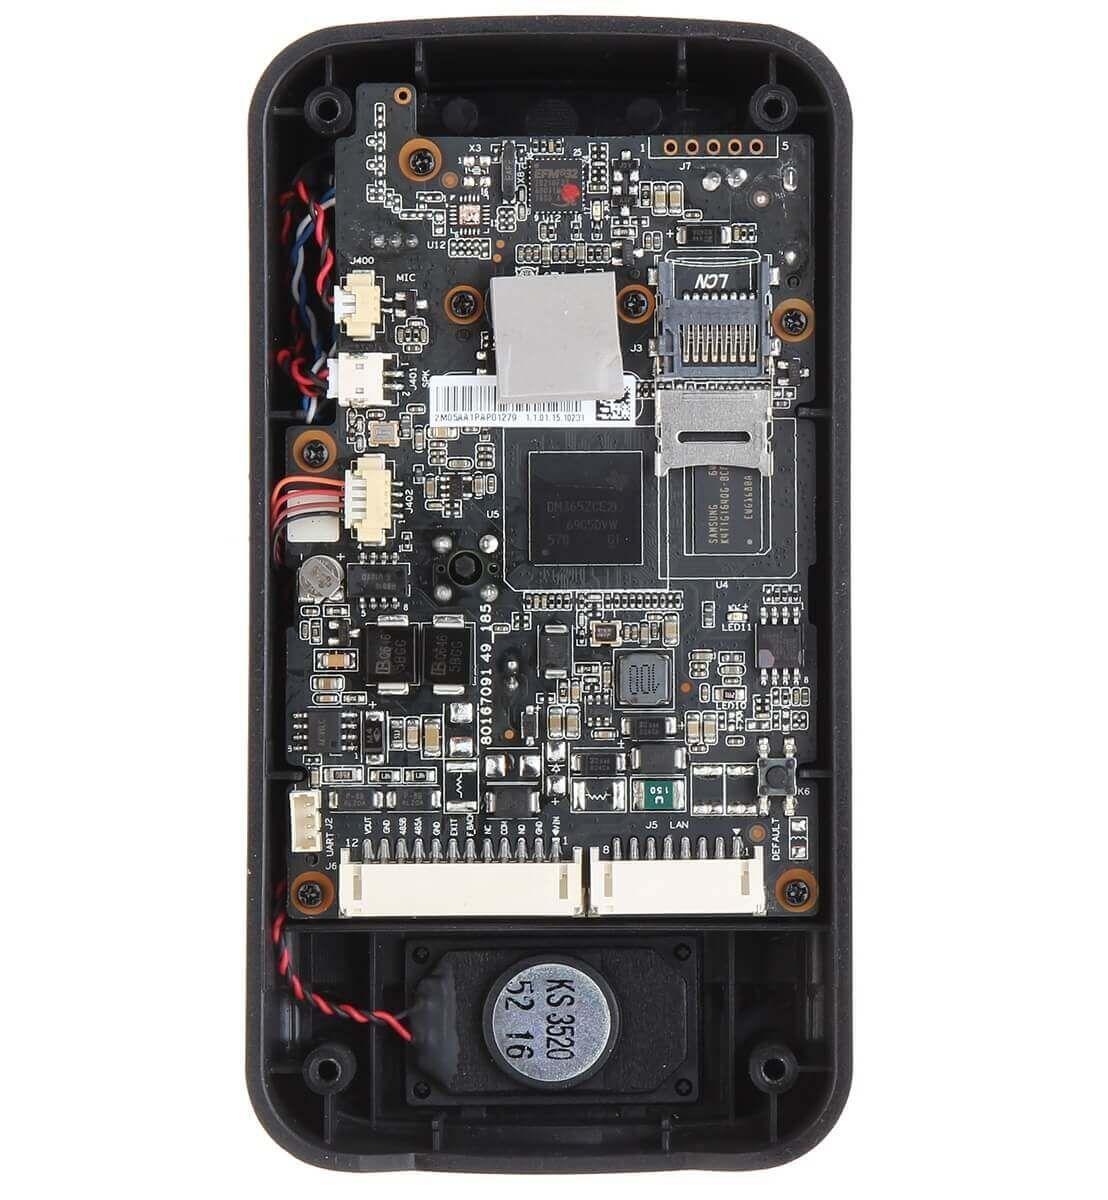 Tích hợp Micro và loa giúp đàm thoại 2 chiều